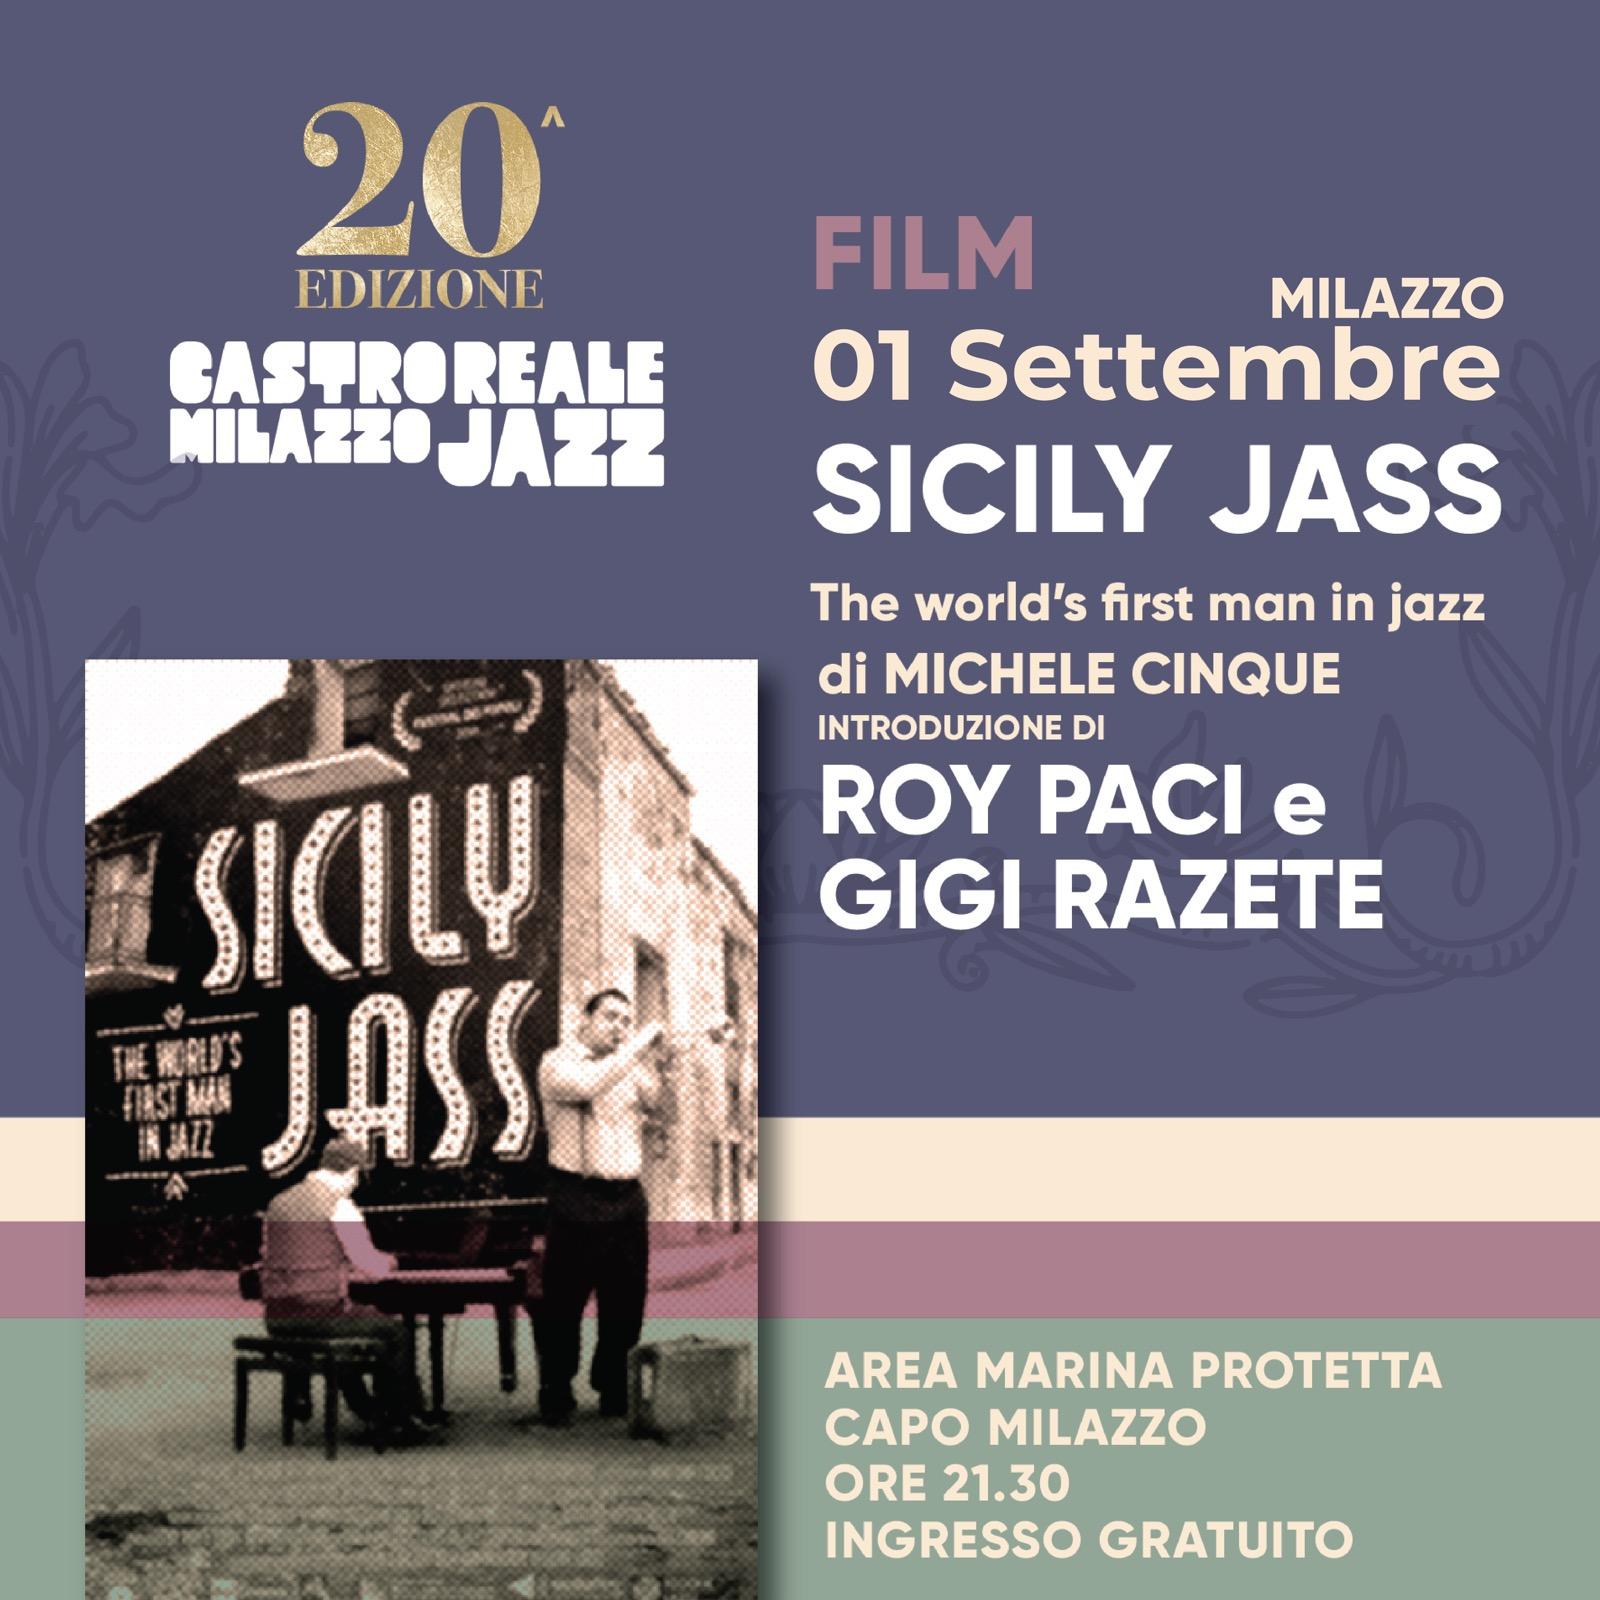 Dal CastrorealeMilazzo Jazz Festival alla Giornata Europea della Cultura Ebraica 2020: a Castroreale, il mese di settembre è all'insegna della cultura